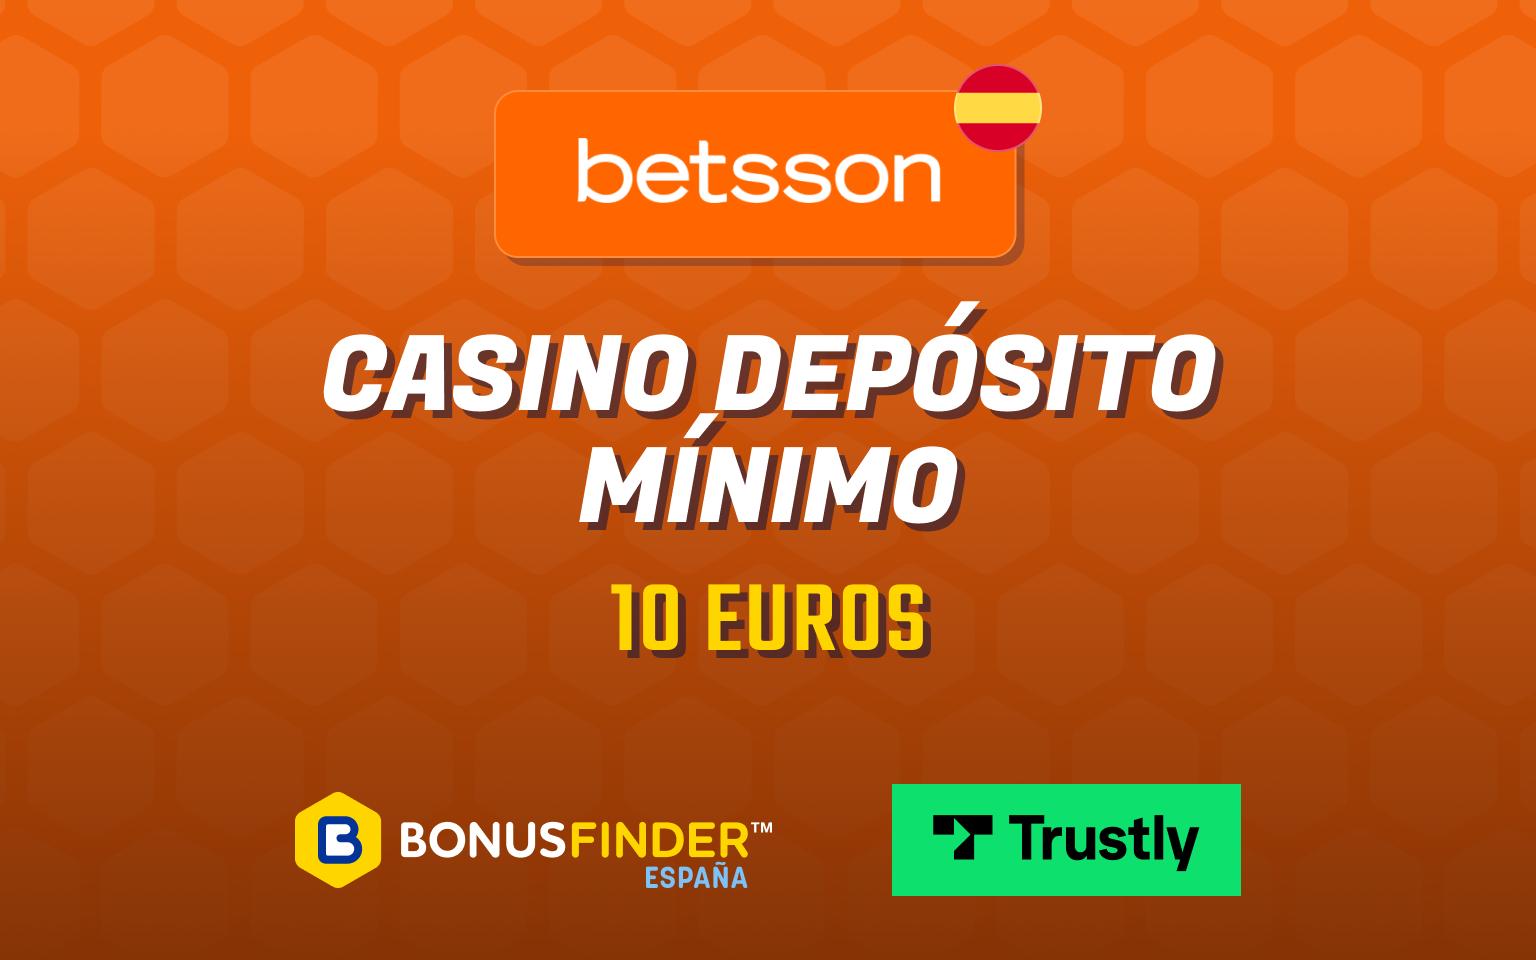 casino depósito mínimo